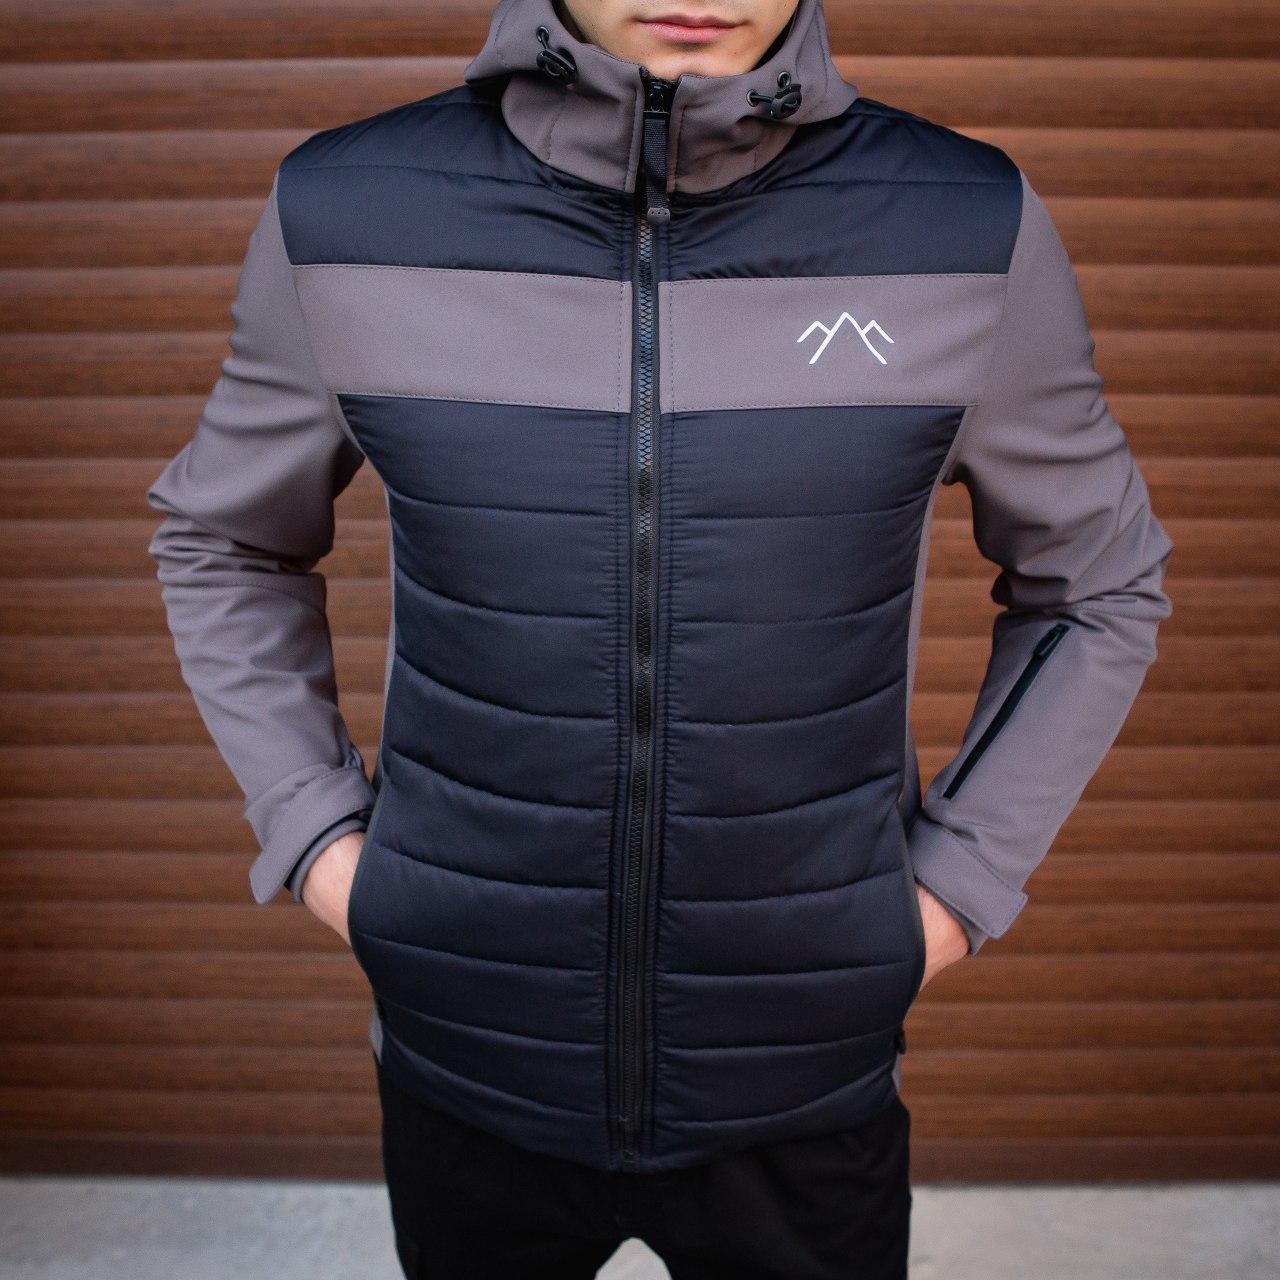 Мужская куртка Harvest (синяя с серой вставкой)S M L XL